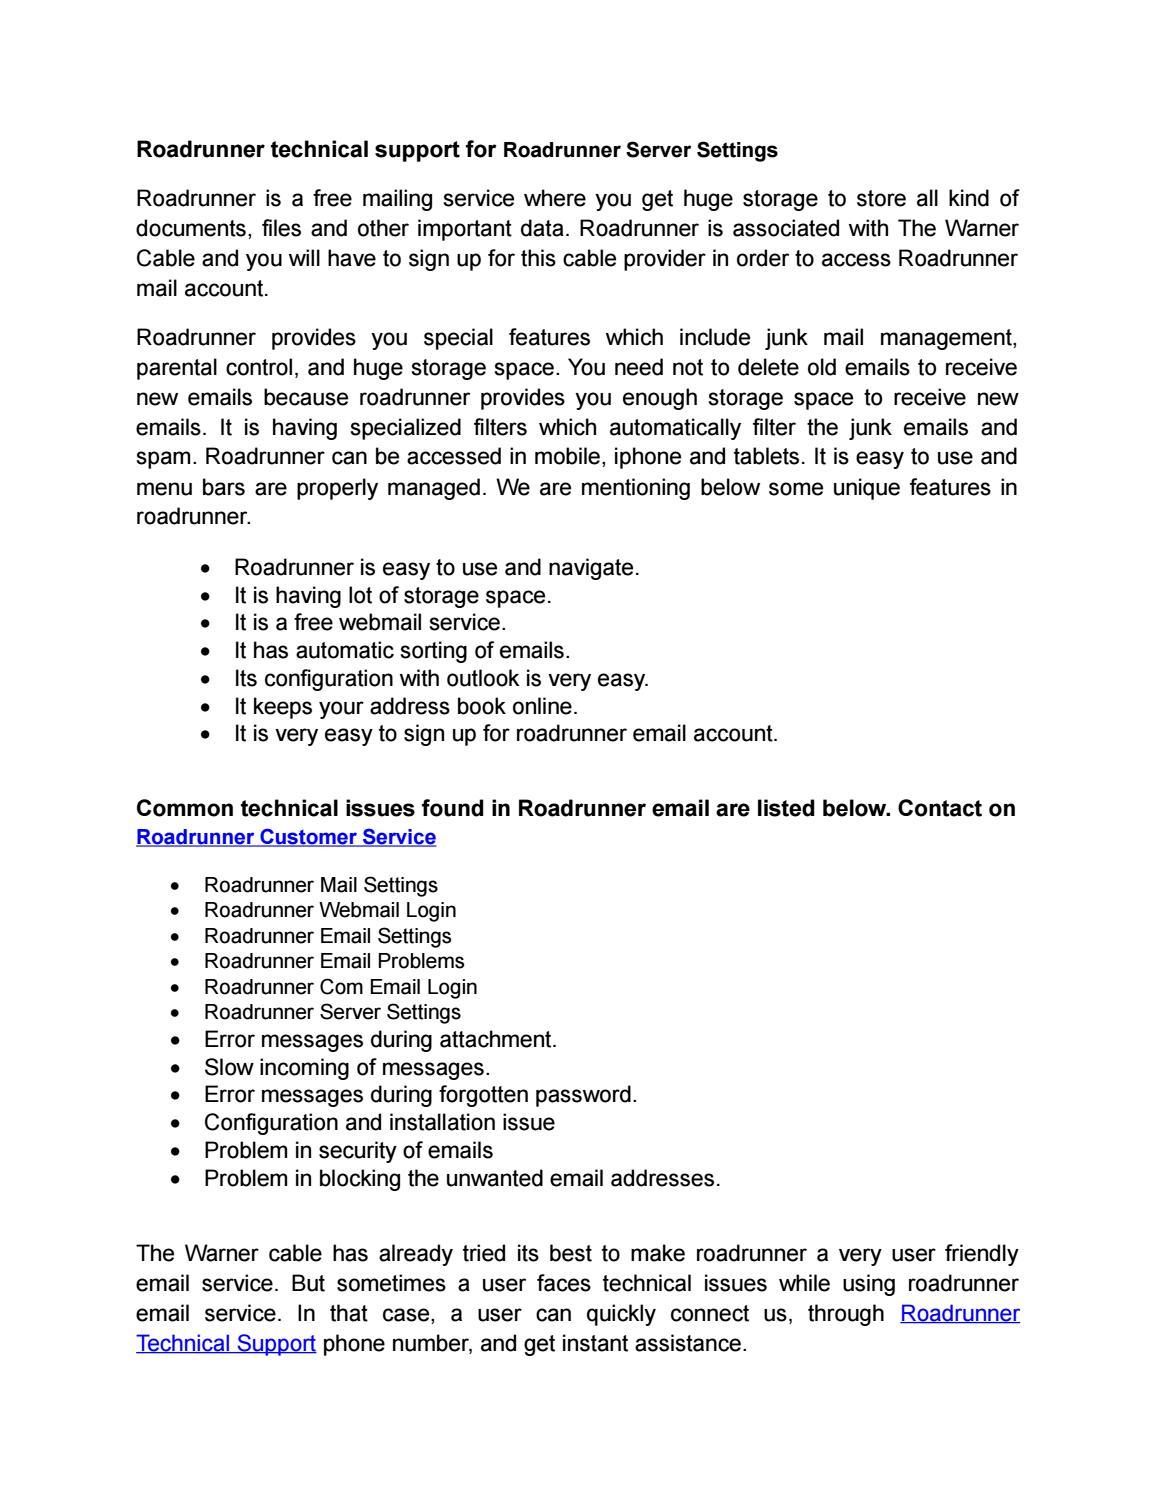 Road runner email sign in - Roadrunner Technical Support For Roadrunner Server Settings By Mike Issuu